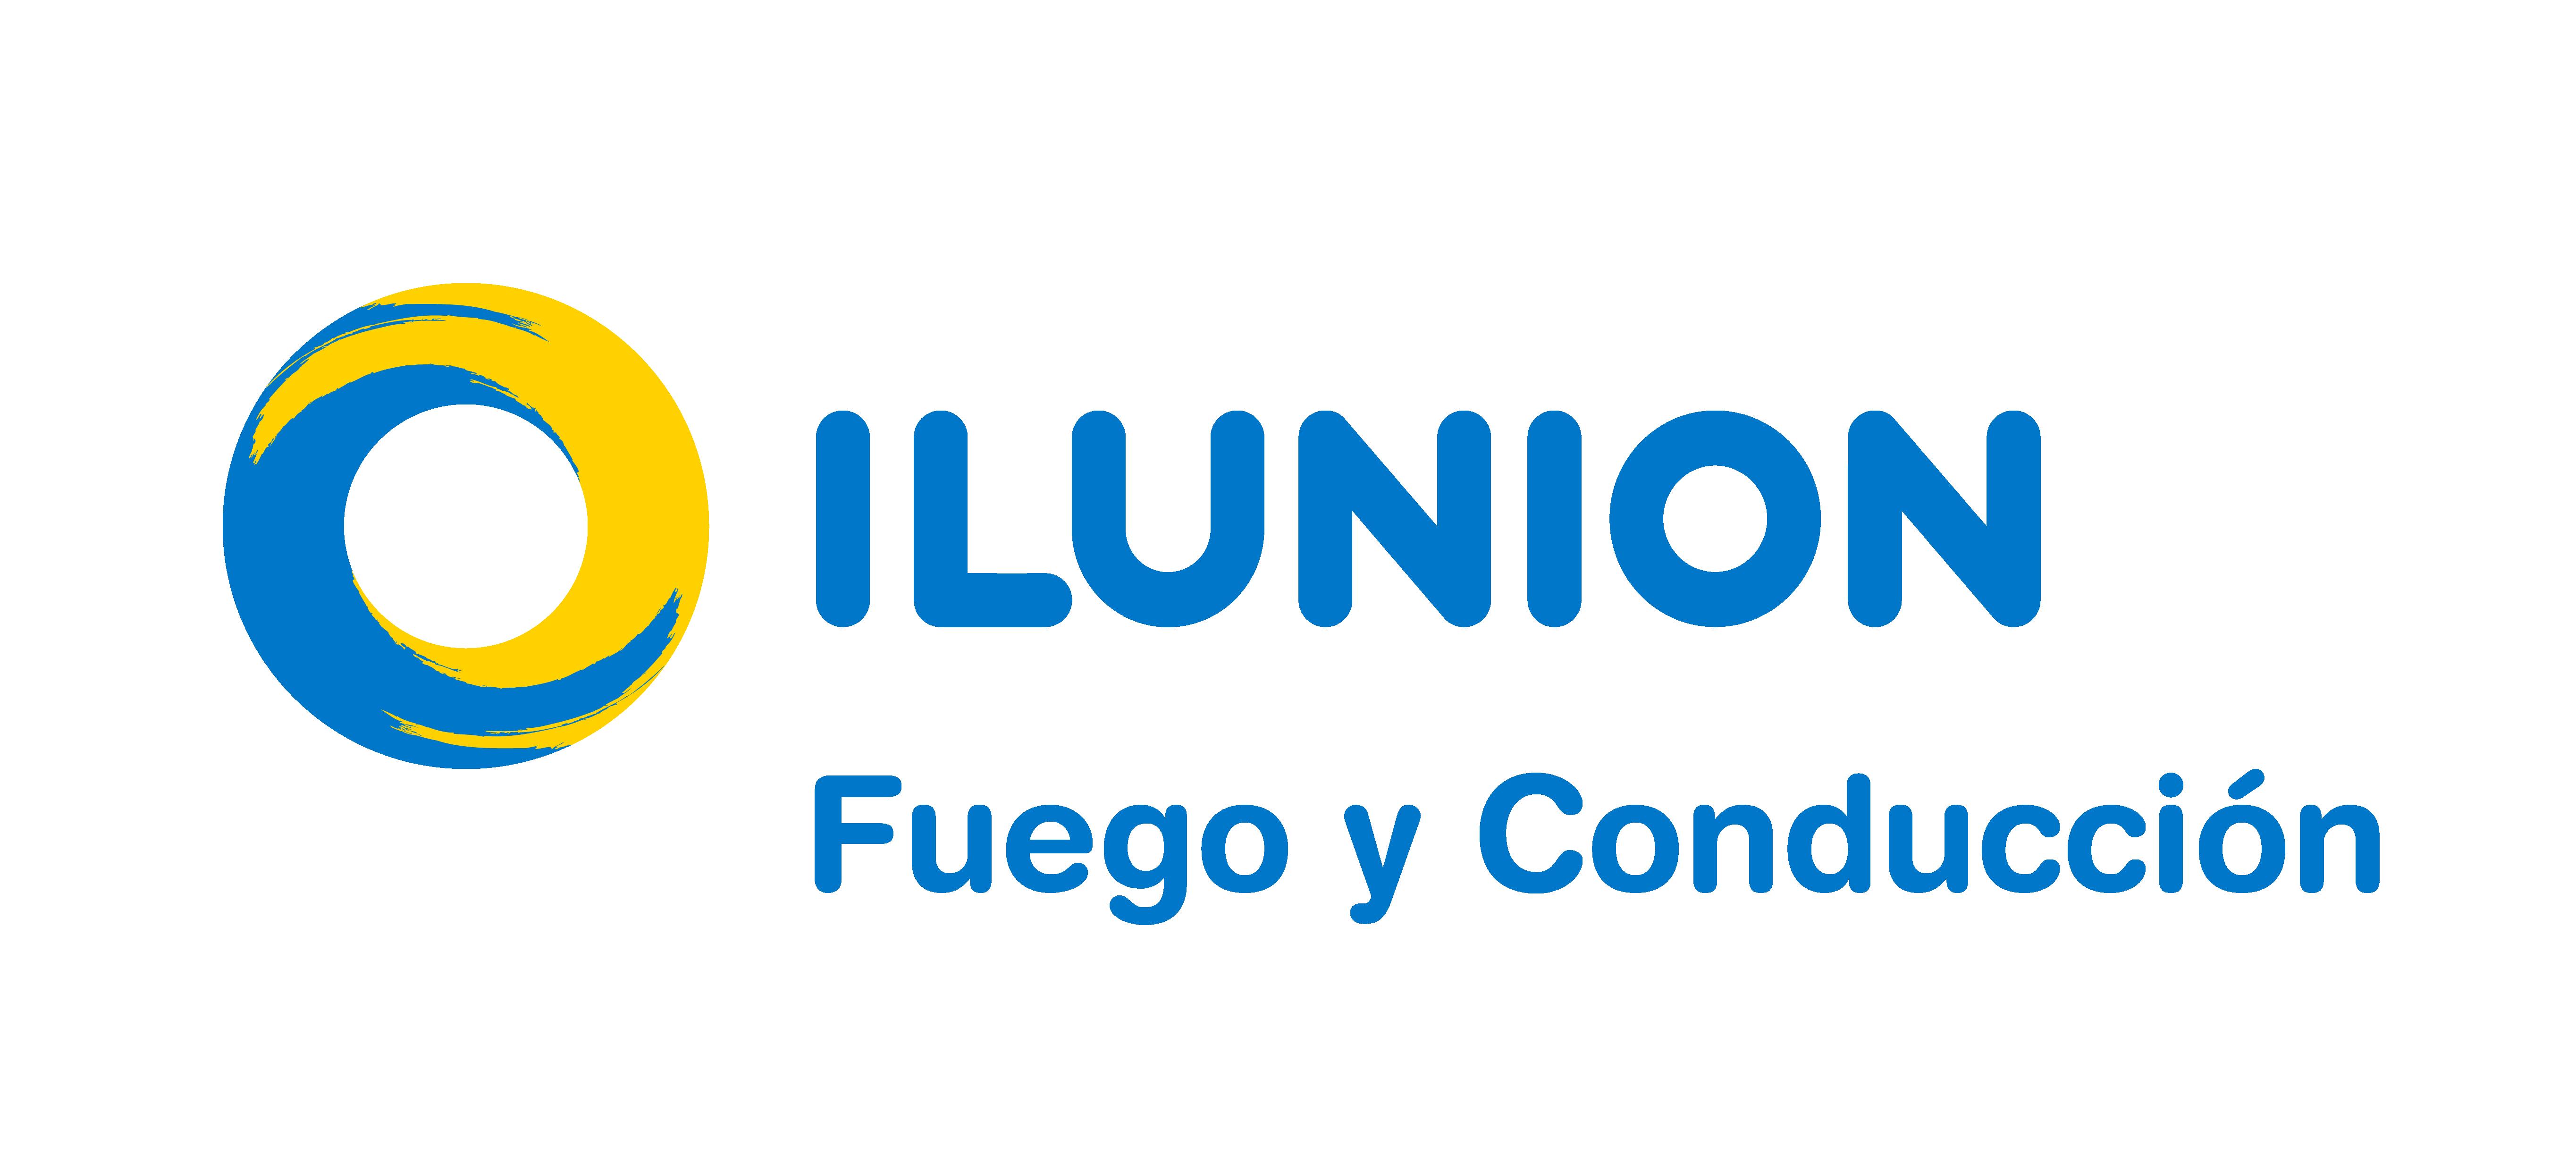 ILUNION Fuego y Conducción. Go to Homepage